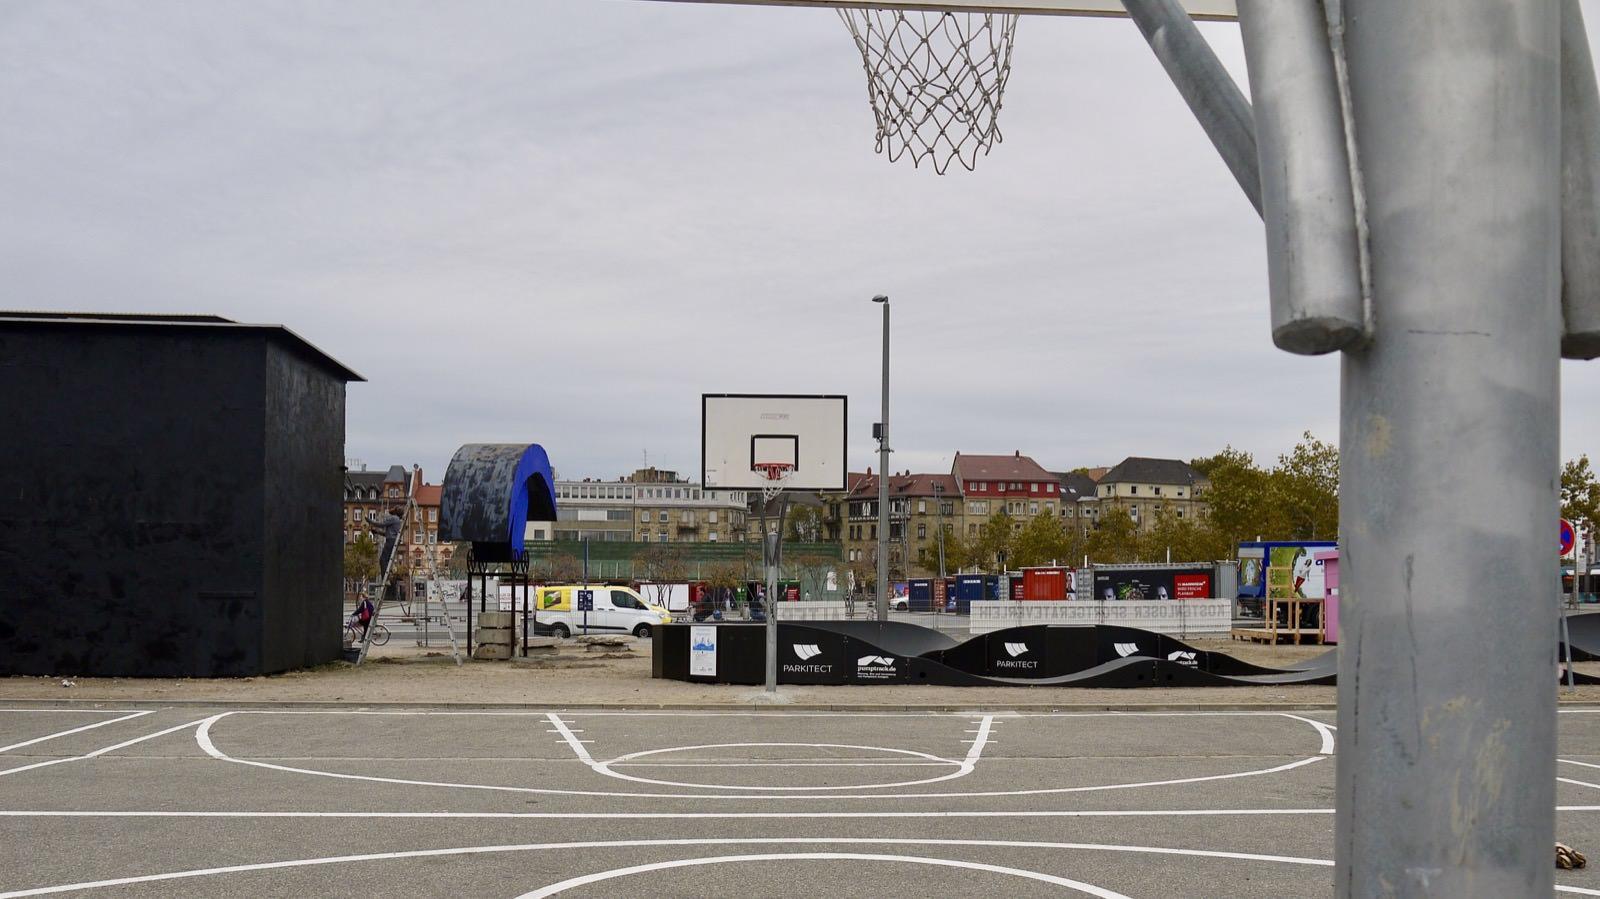 Basketballfeld und Pumptrack laden zum sportlichen Spiel ein | Foto: M. Schülke